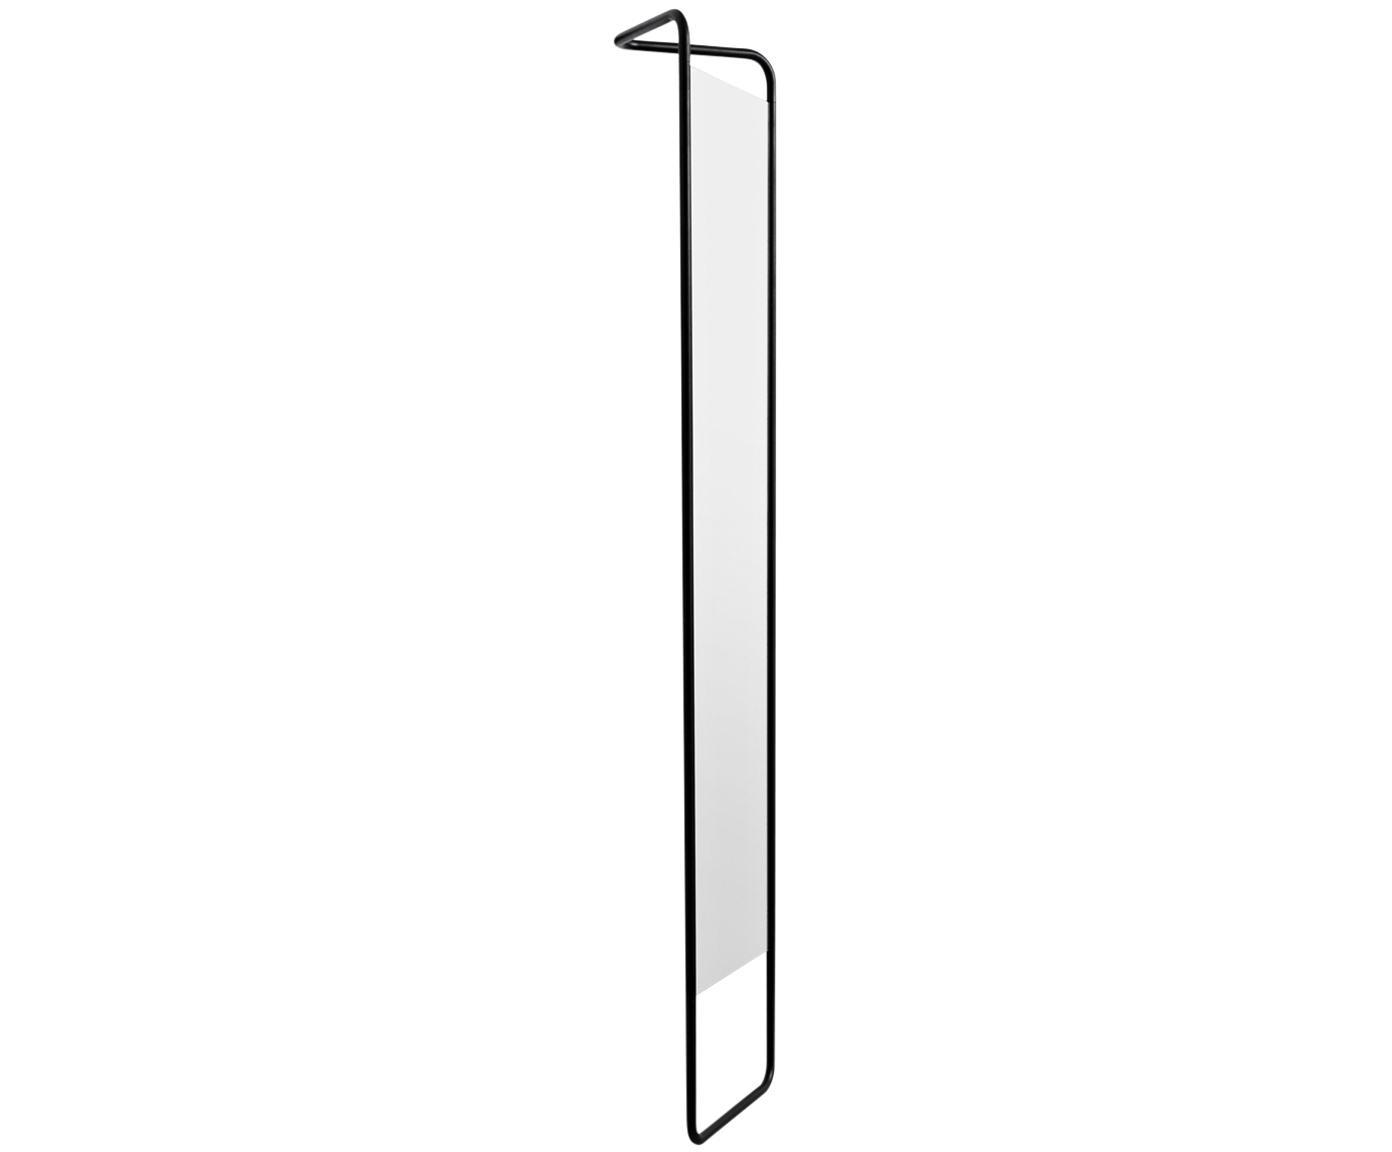 Lustro stojące Kasch, Czarny, S 42 x W 175 cm